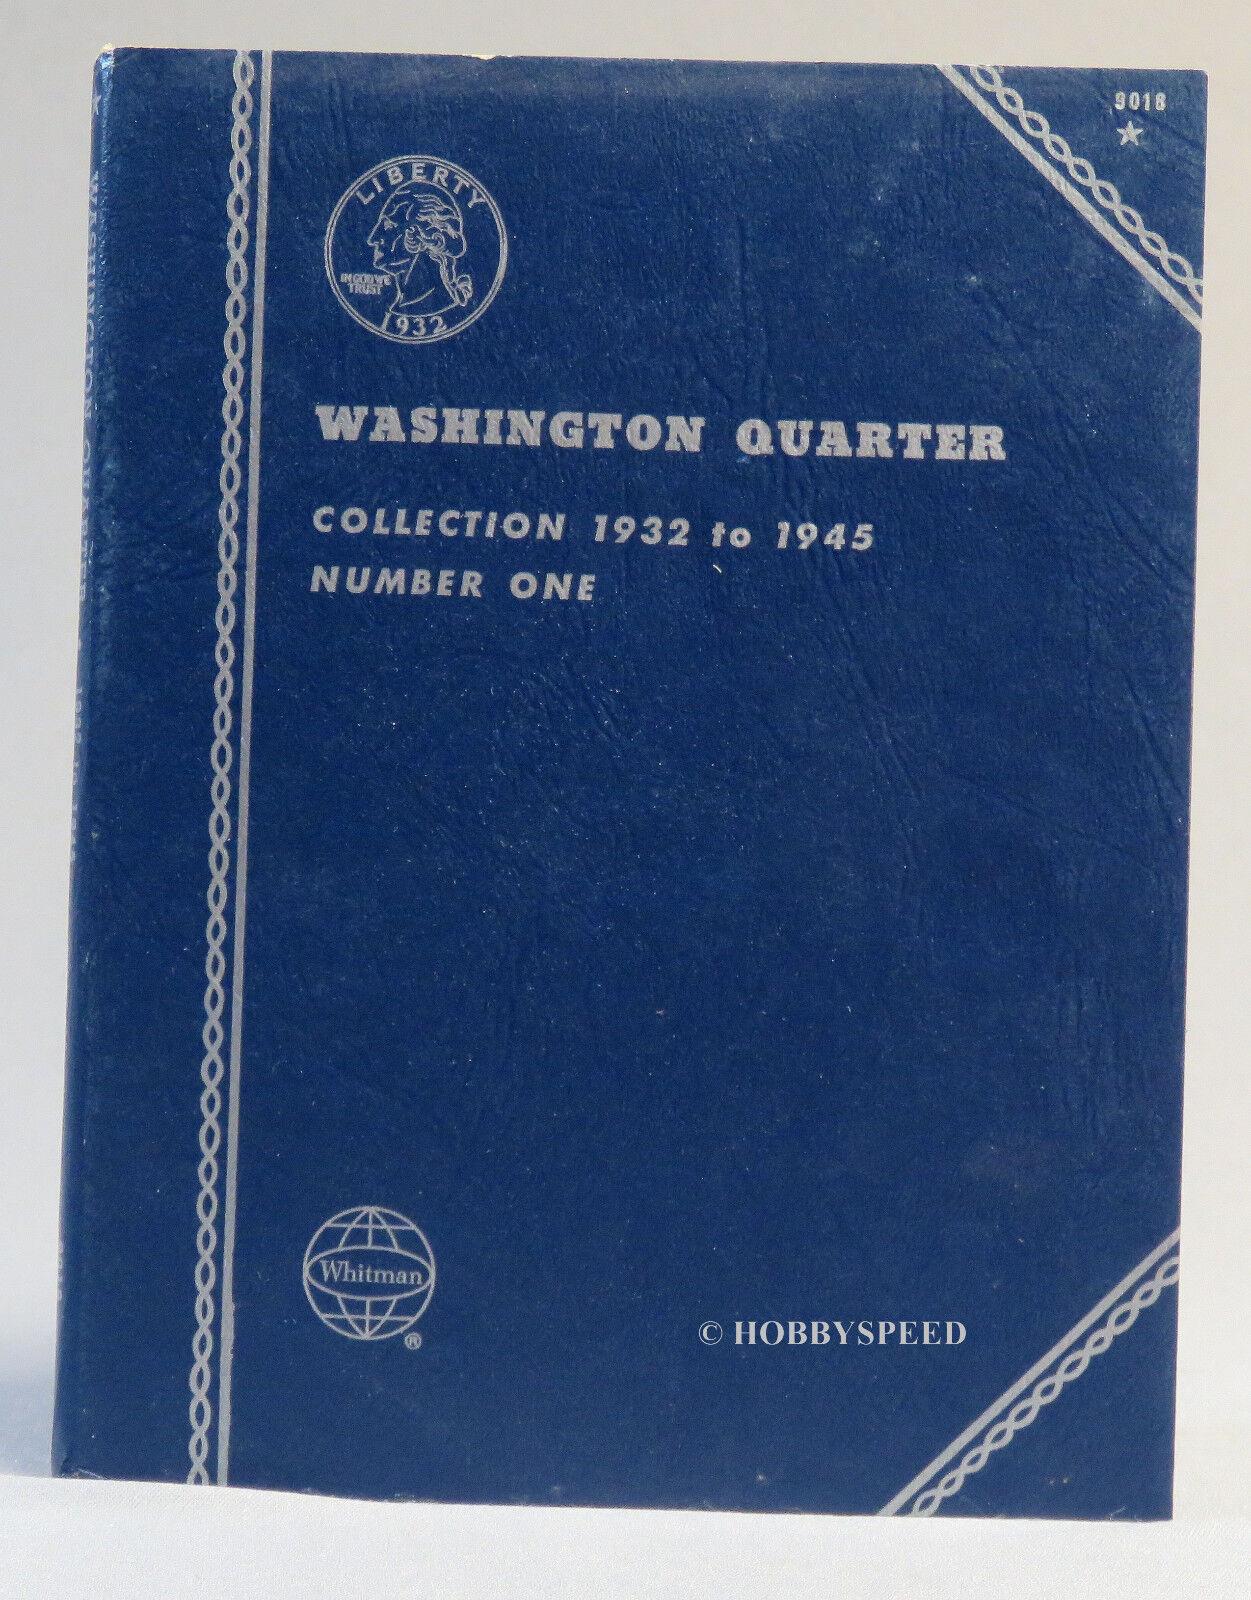 NEW WHITMAN WASHINGTON QUARTER 1932-1945 25C COIN ALBUM #9018 FROM SEALED PK 1